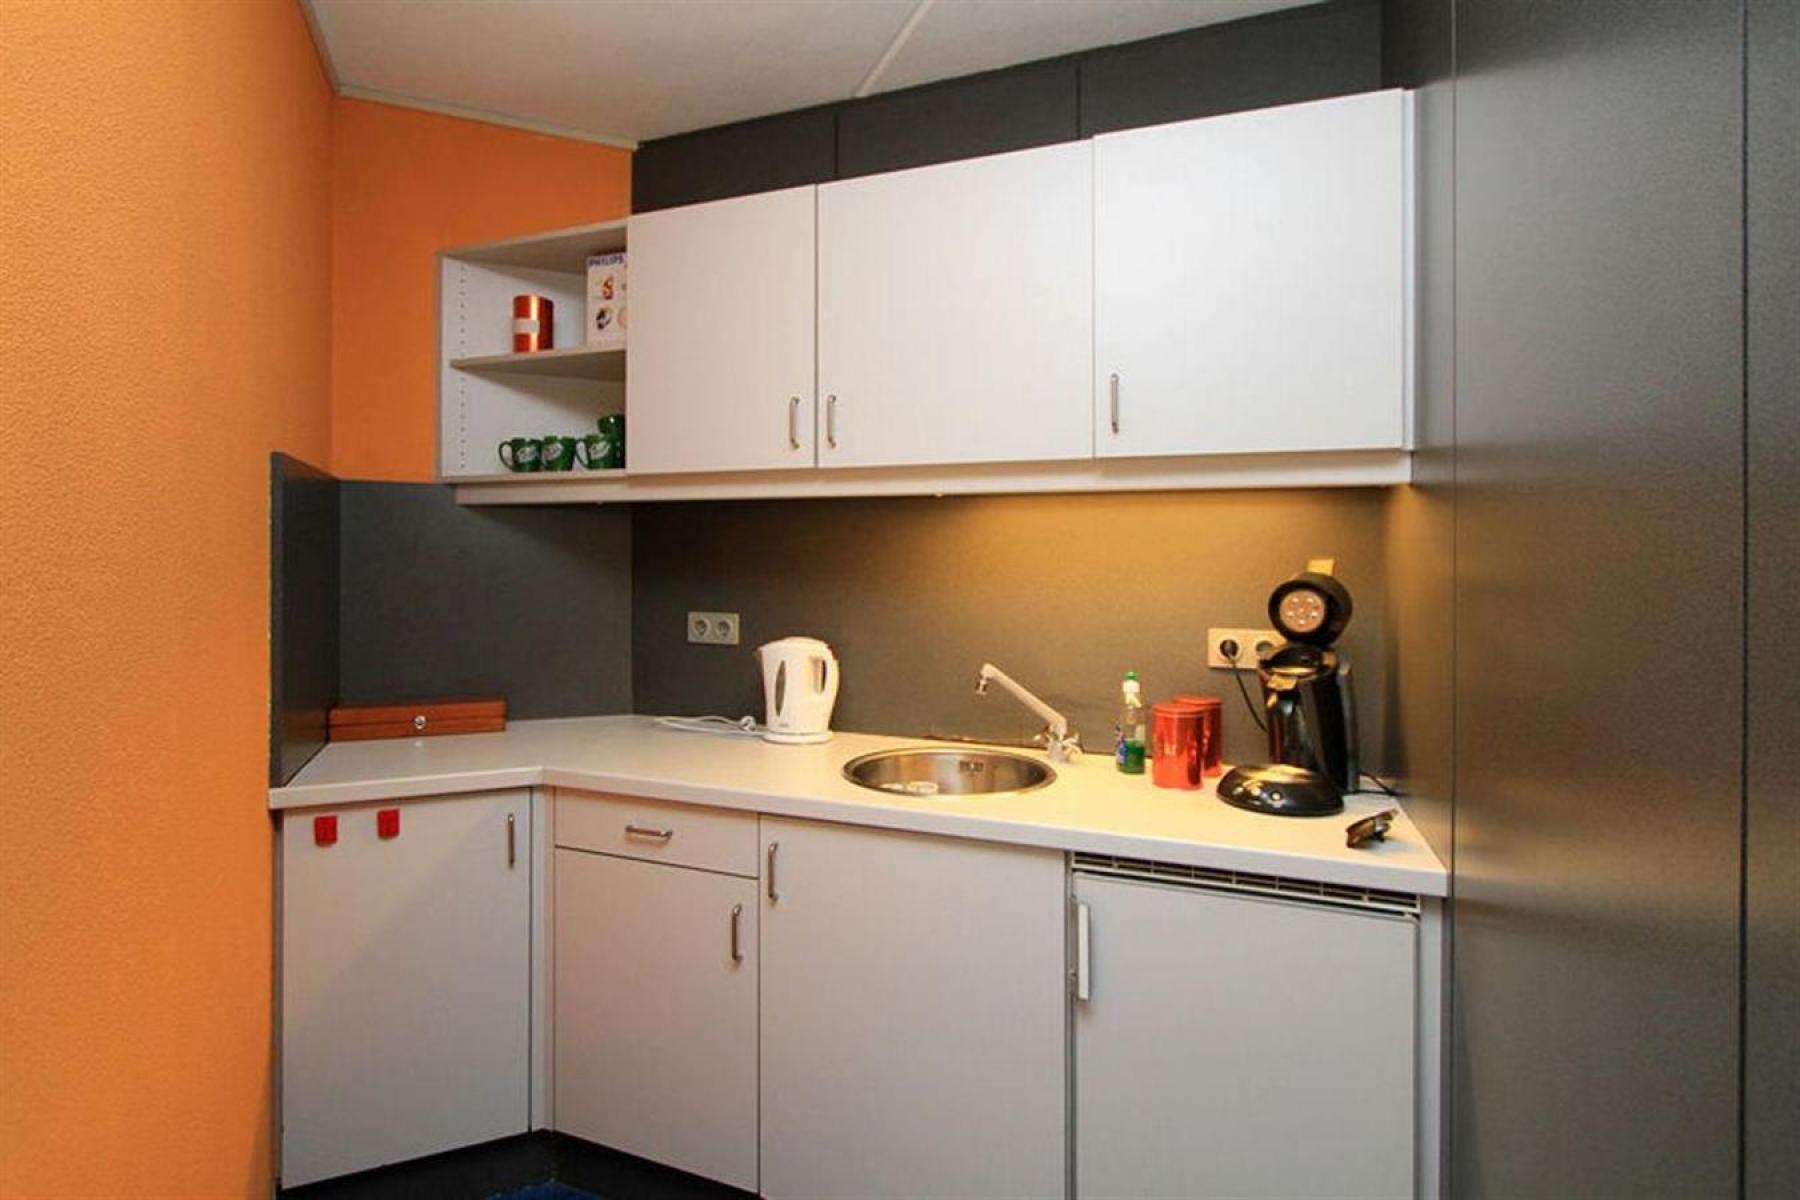 keuken pantry koffie kantoorgebouw apeldoorn huur kantoorruimte kantoorkamer SKEPP